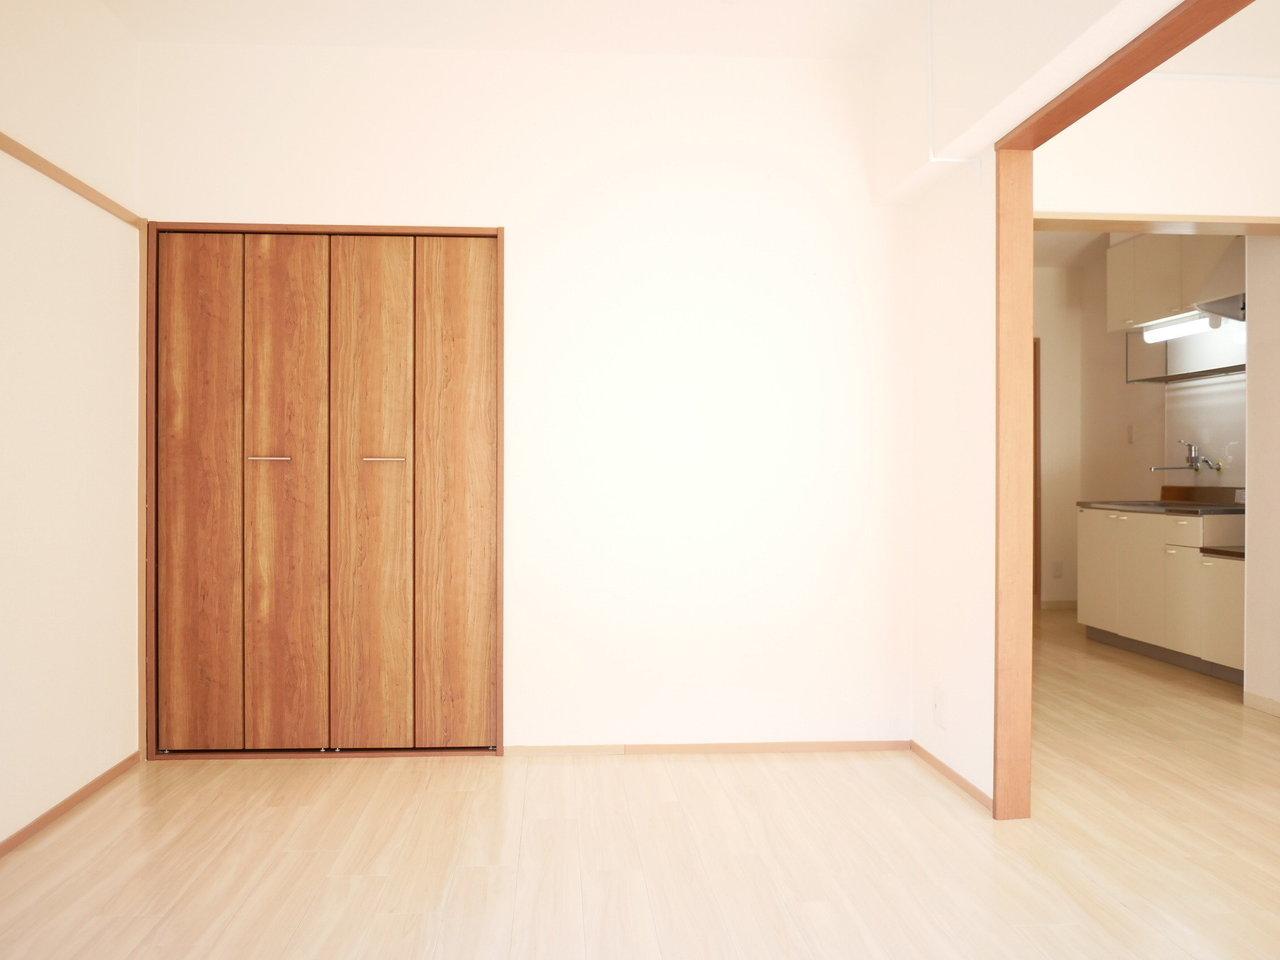 なんと収納スペースが各部屋に合計で3つもあるので、一人が1つずつ使ってもまだ余るほど。残りの1つはあまり出し入れがない季節ものの洋服や家電などを入れておいてもいいかもしれません。